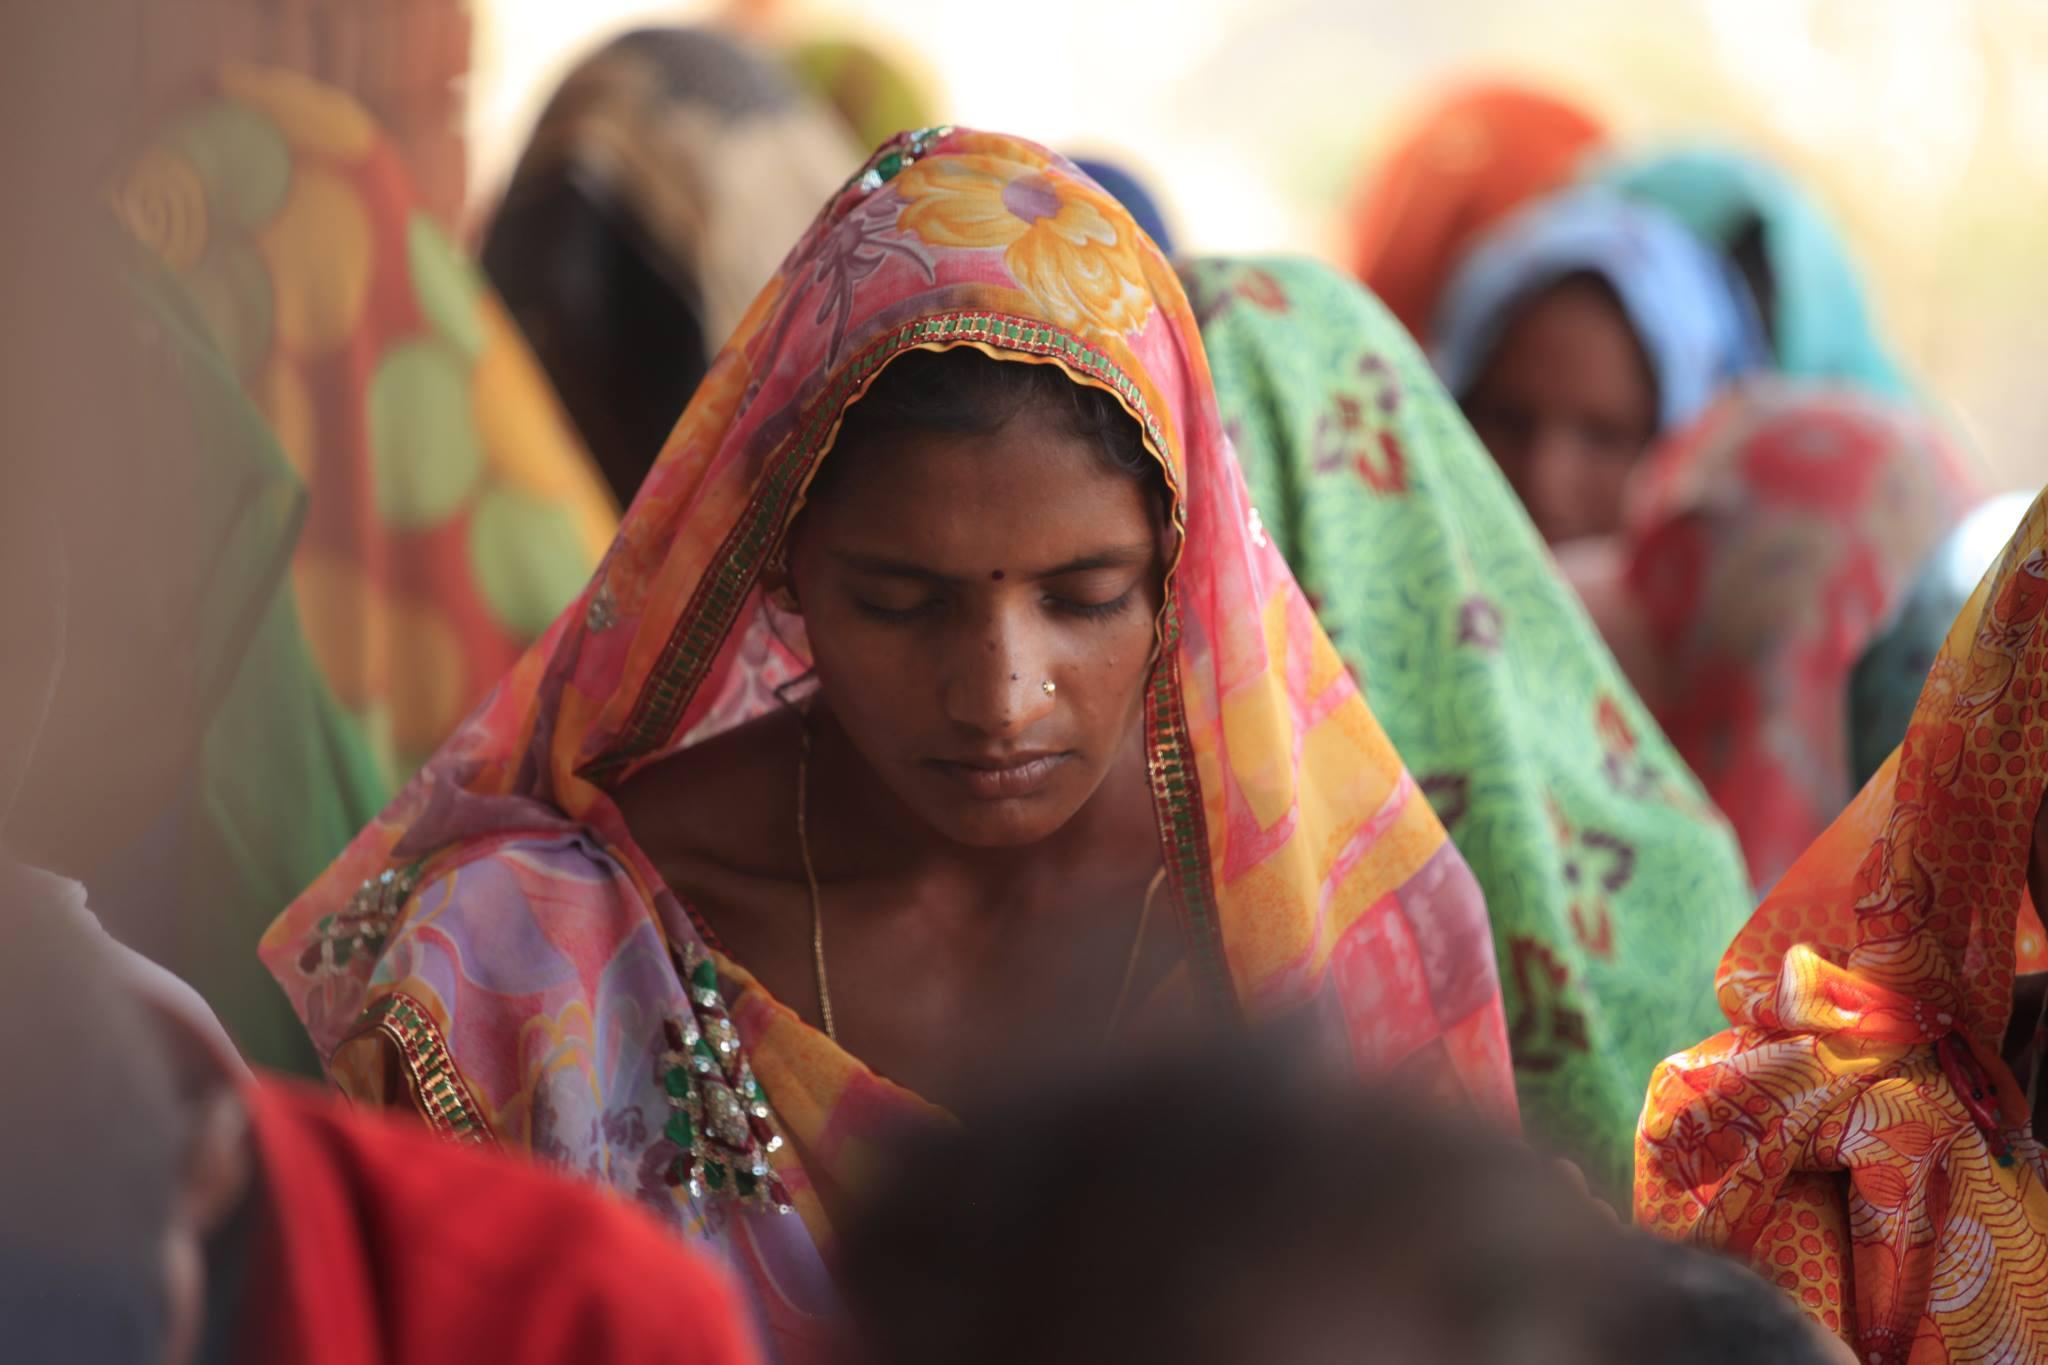 Report confirms Gospel impact on 'Untouchables'